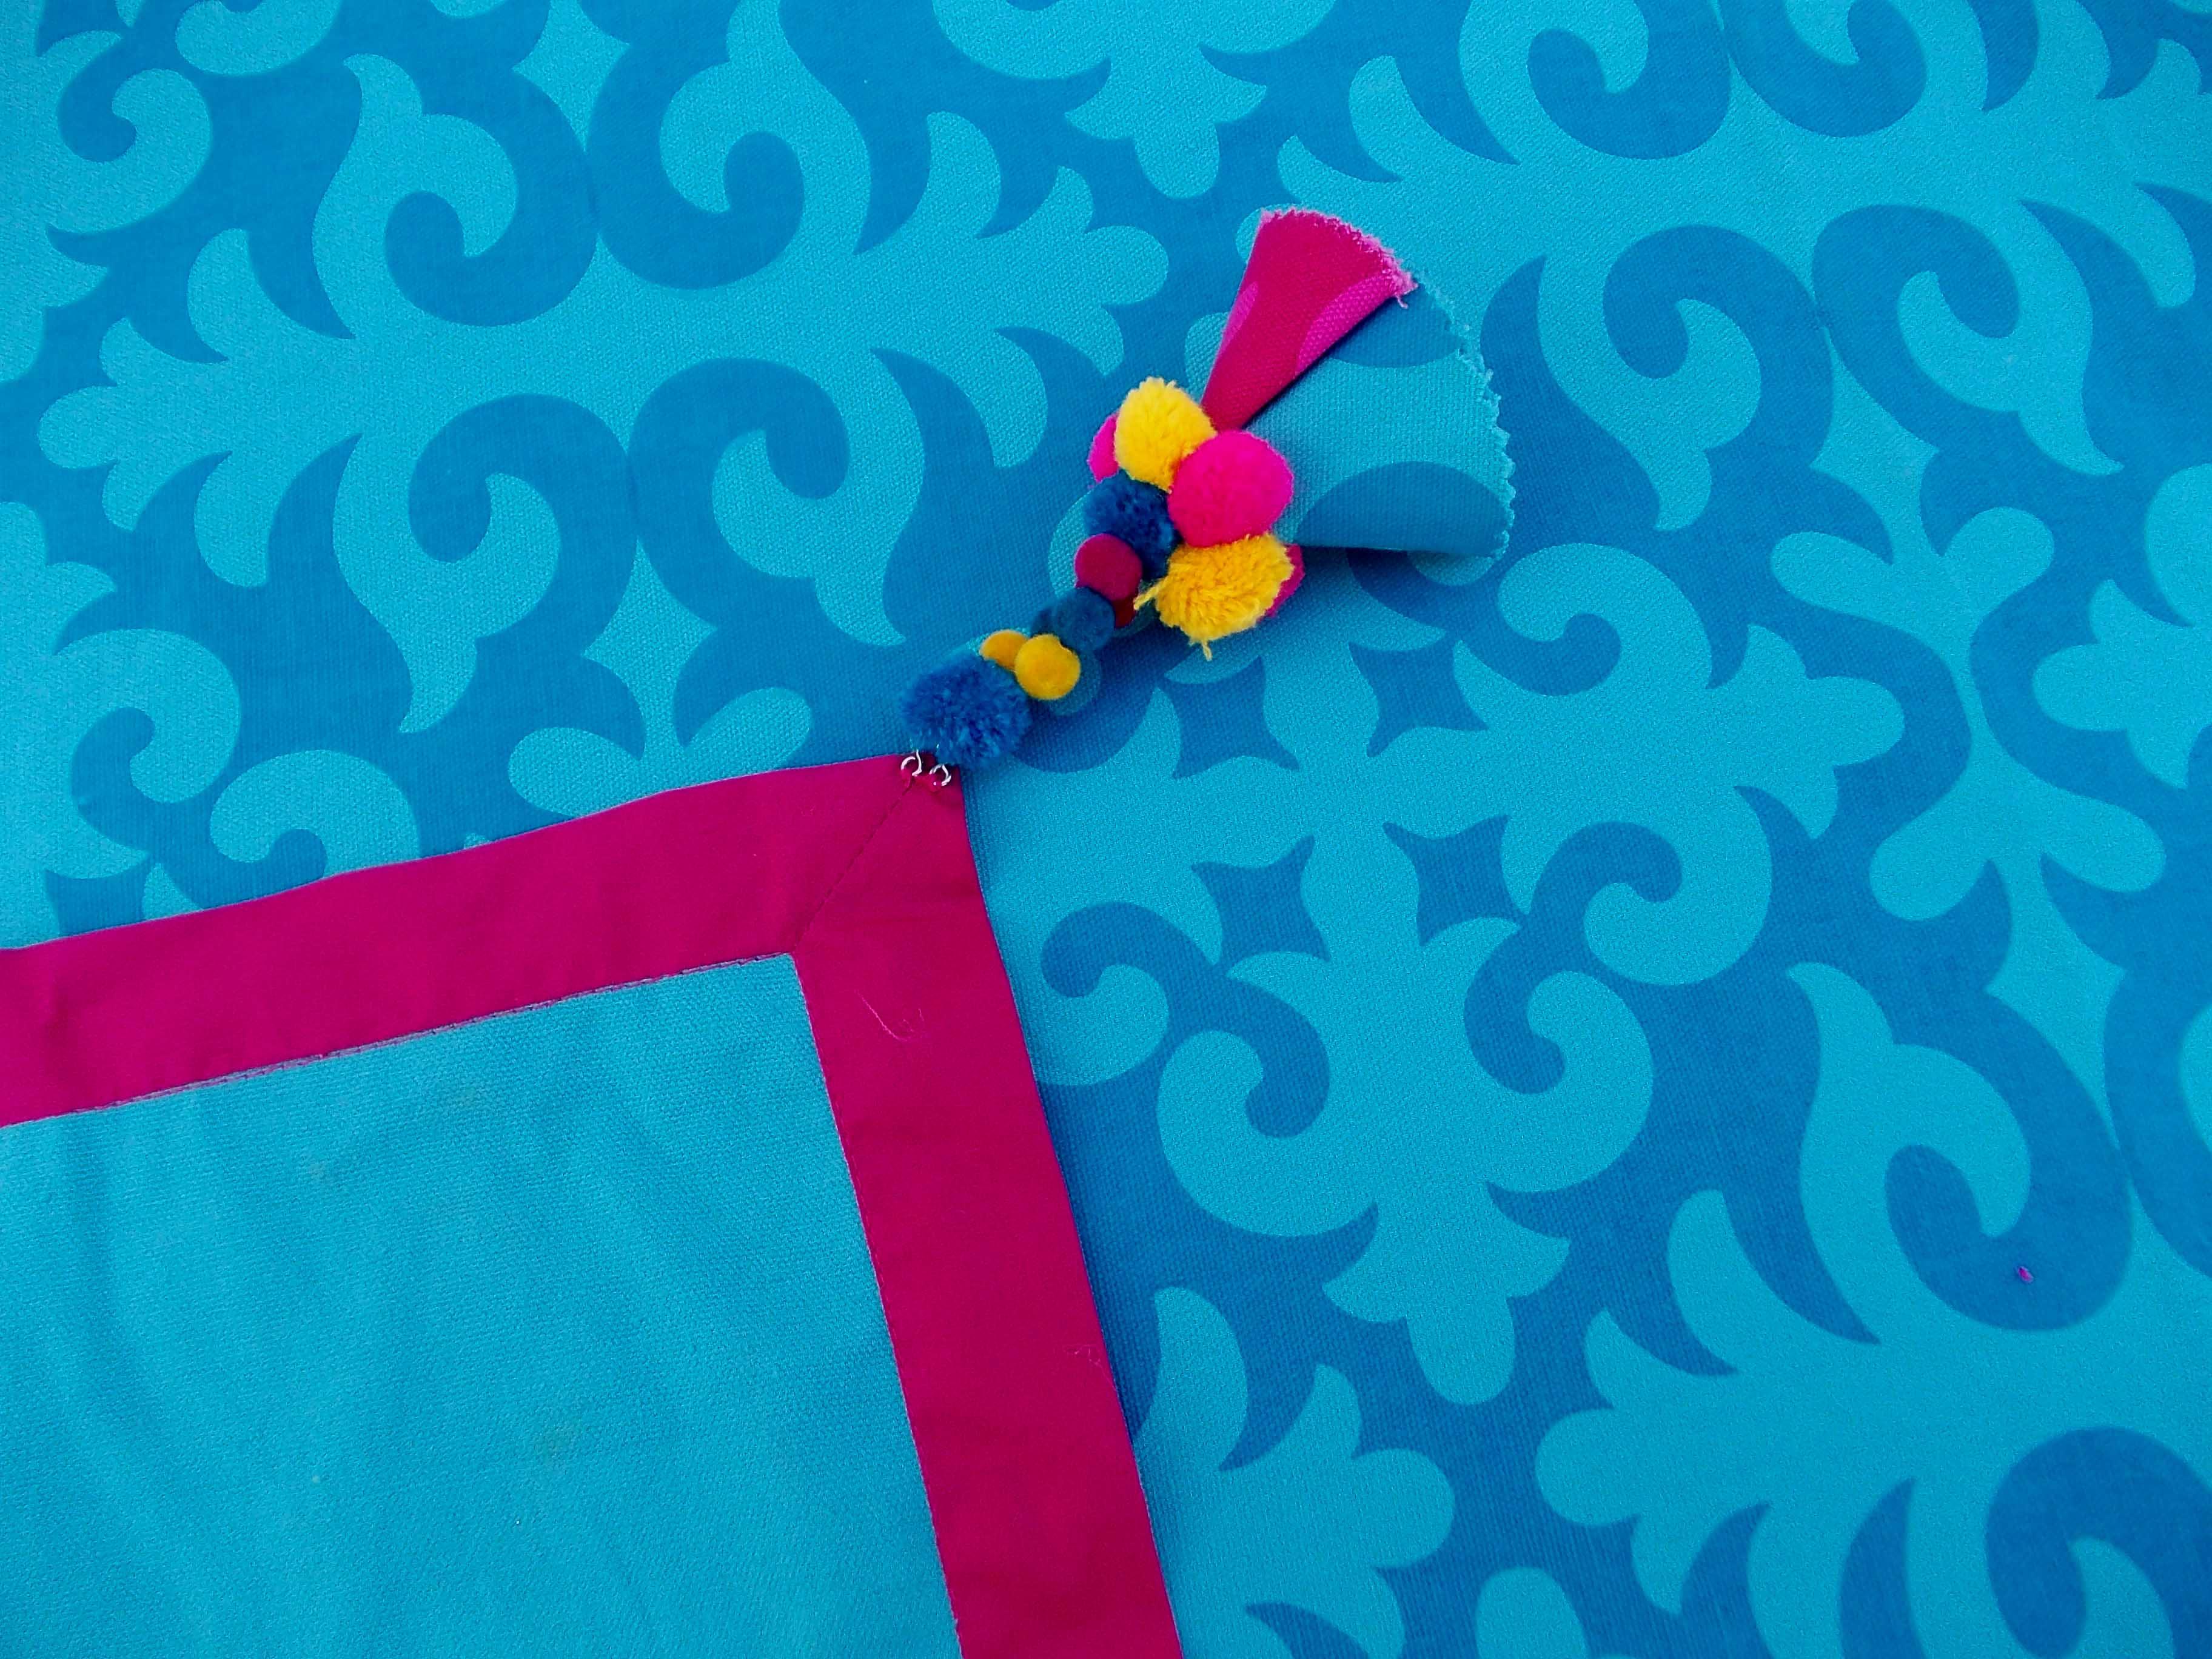 Cotton Tassel - removable - Blue